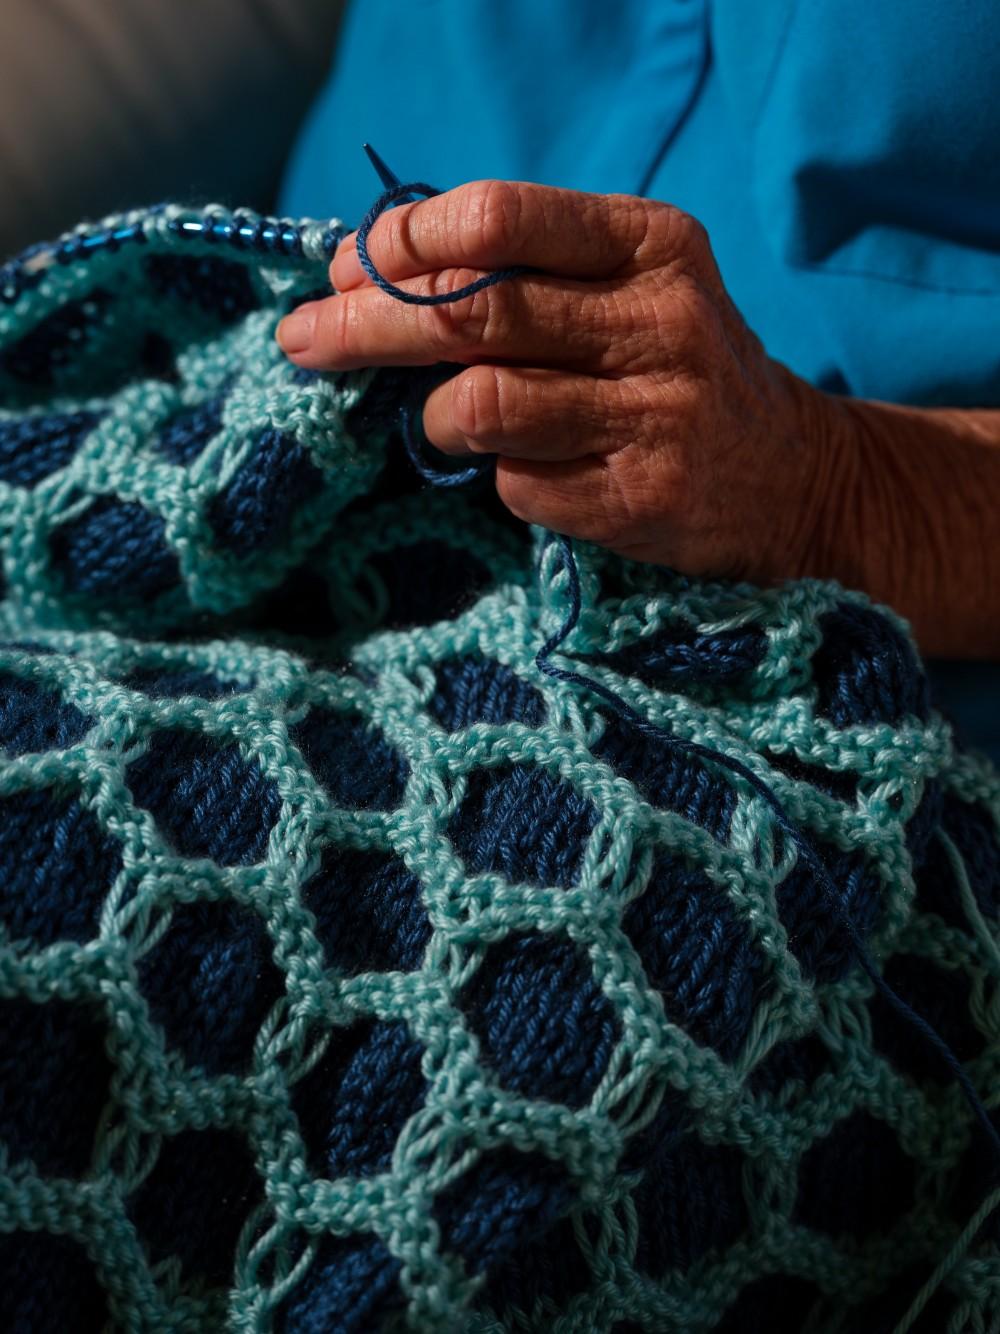 Jane Dorotik works on a blanket she is knitting, October 8, 2020.